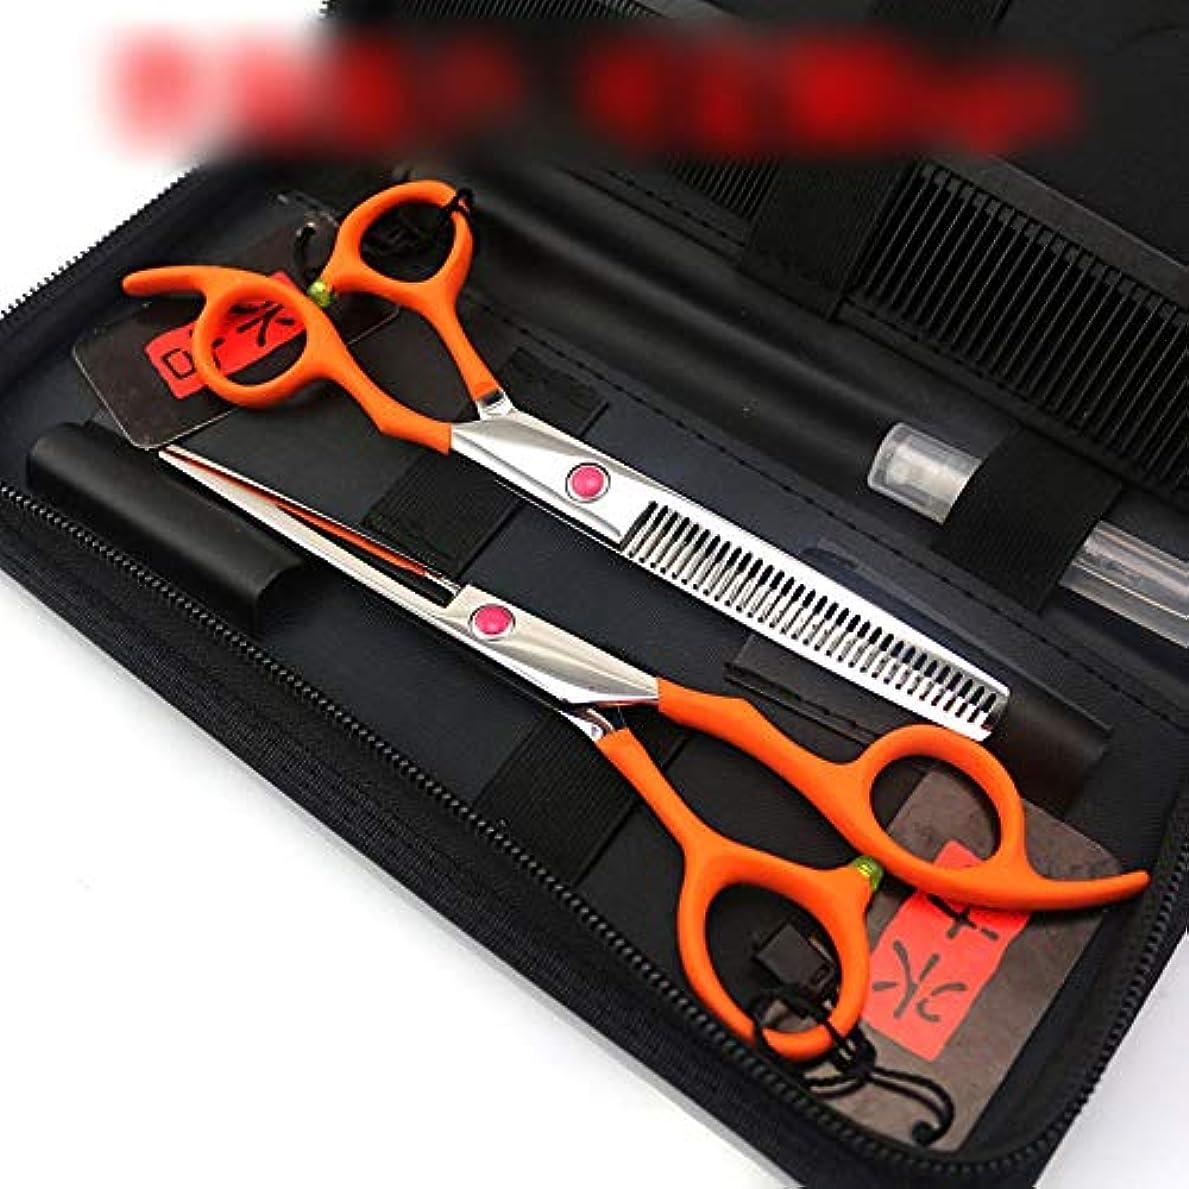 アラブ人崇拝する壊滅的なGoodsok-jp 6.0インチオレンジプロの理髪はさみセットハイエンドプロの理髪ツール (色 : オレンジ)